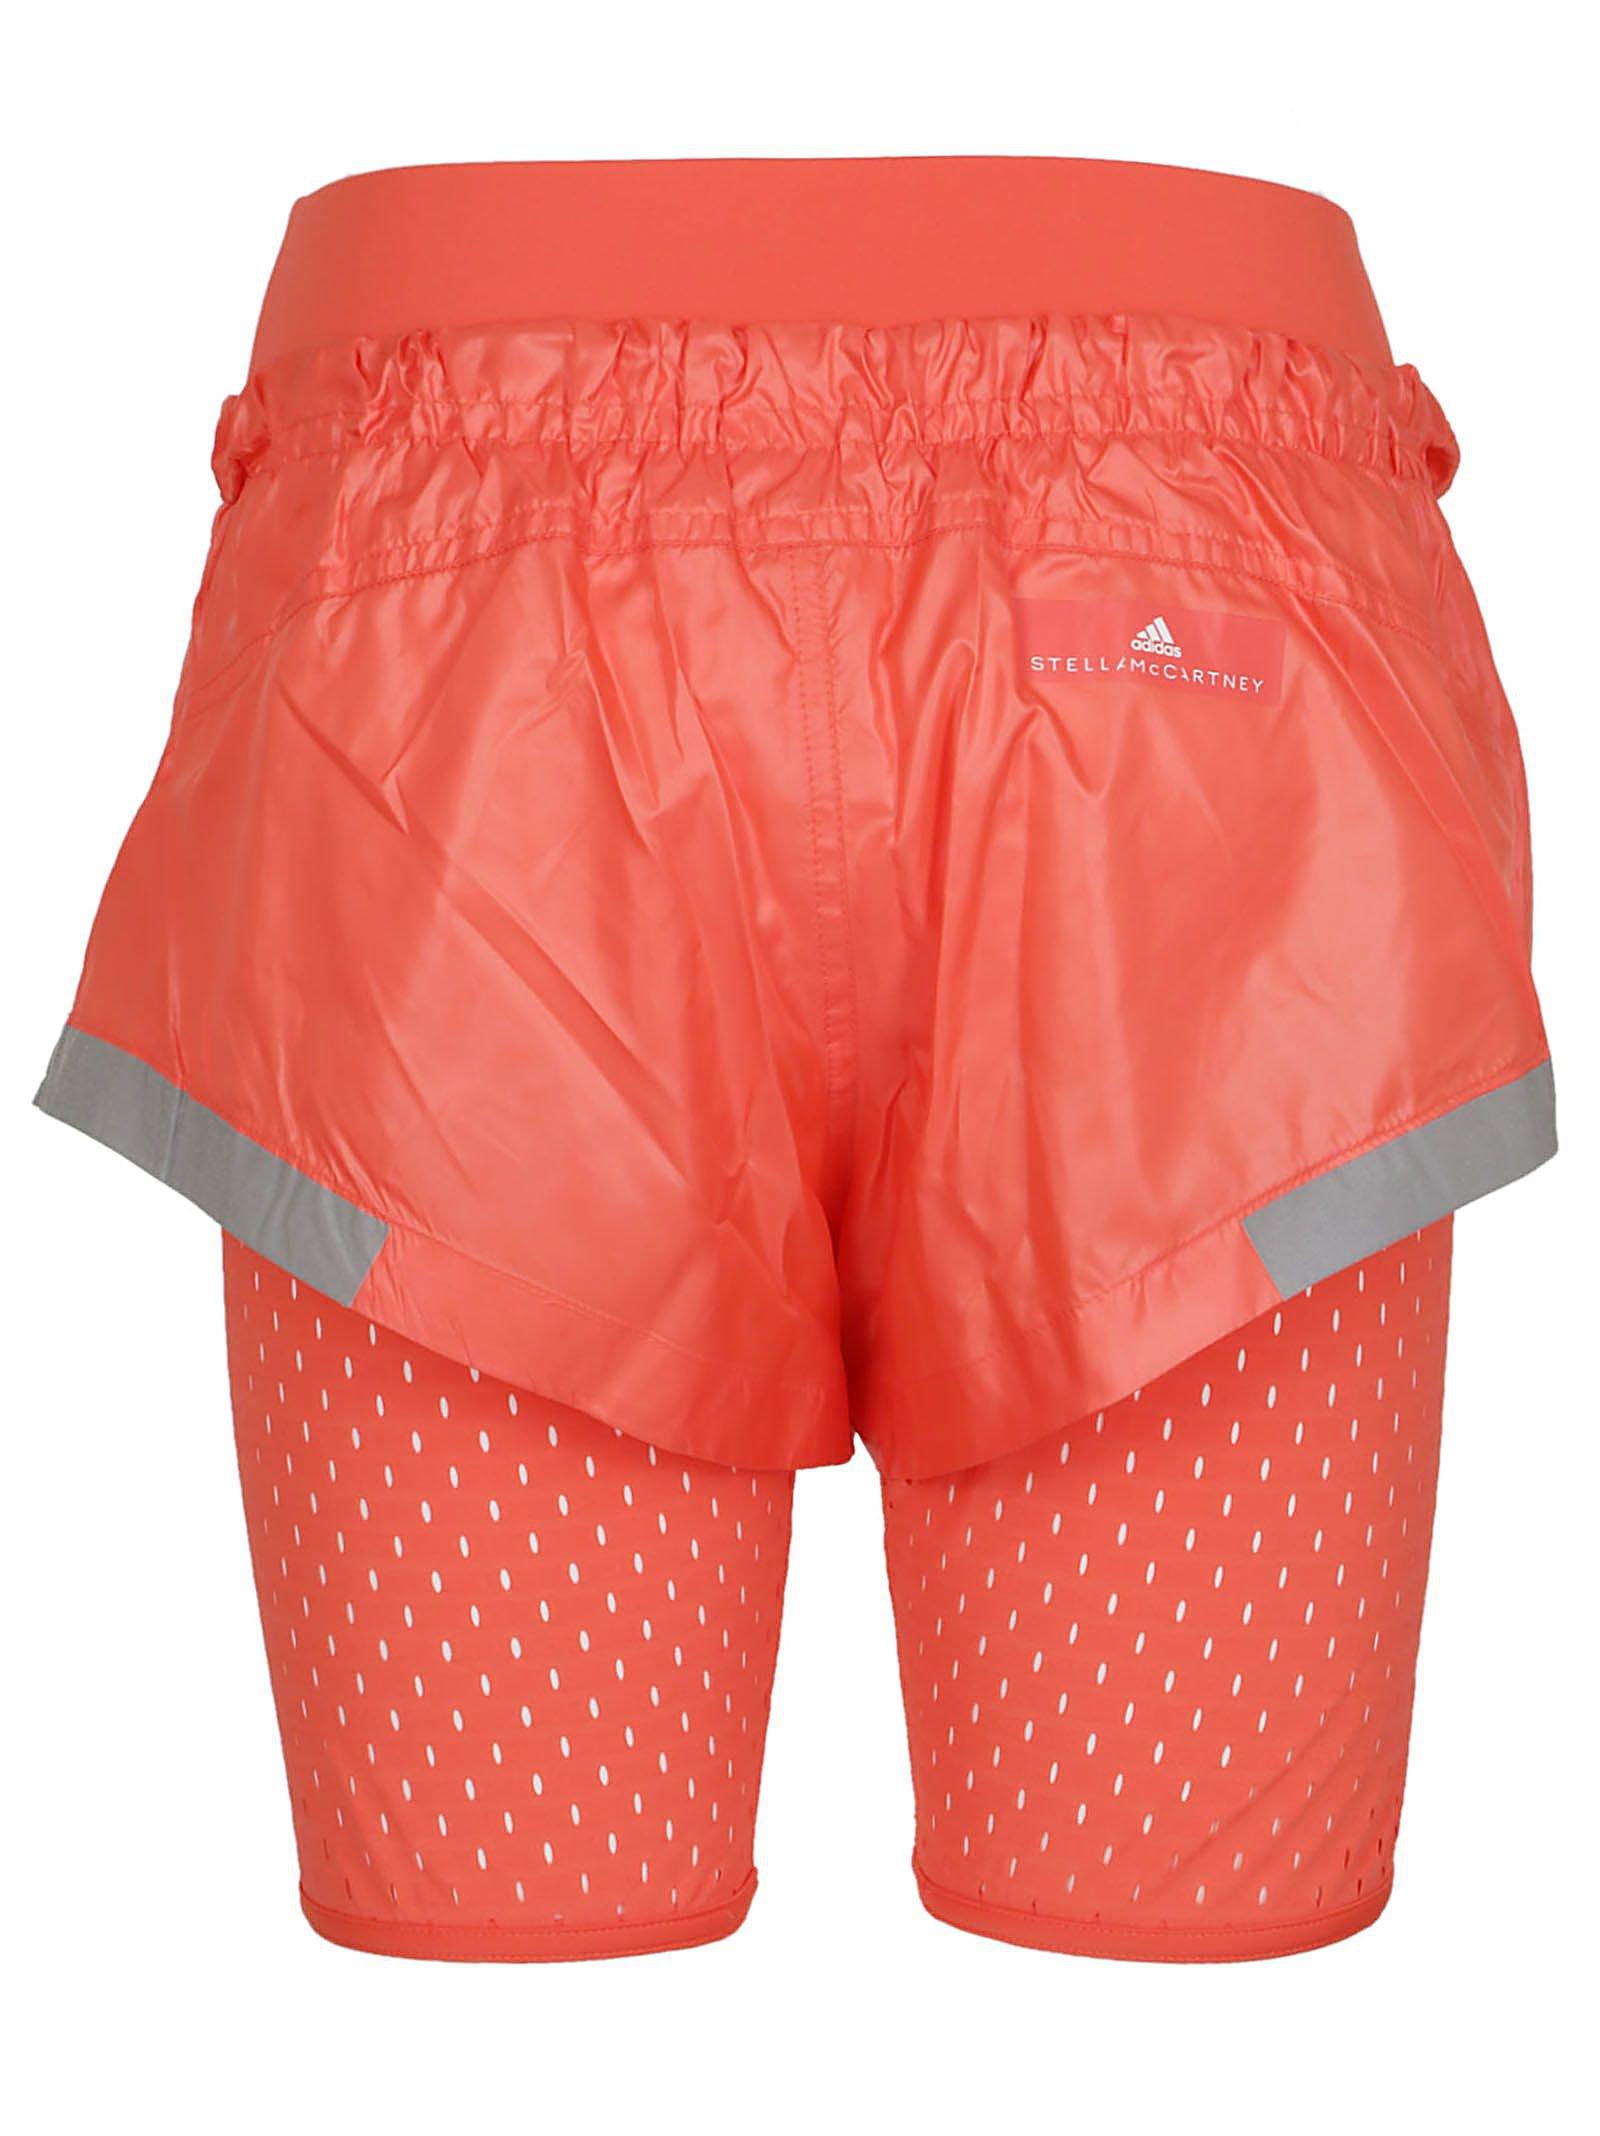 Adidas by Stella McCartney Short